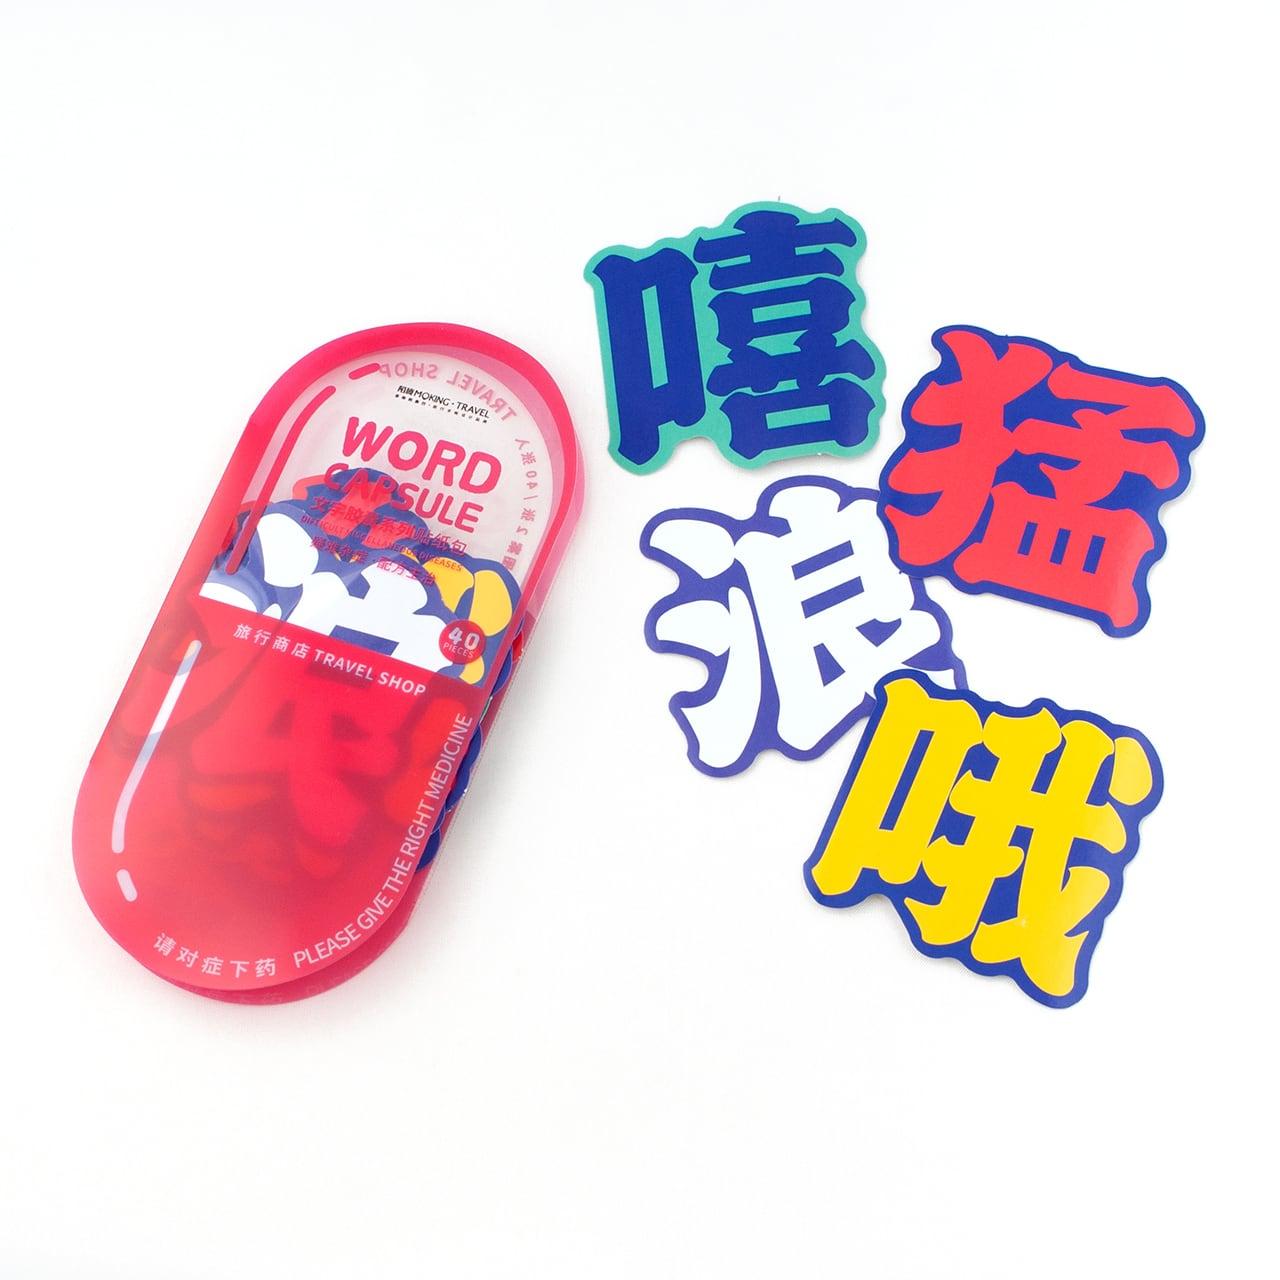 感嘆詞症シール/海外フレークシール ステッカー 中国語カプセルシリーズ 薬風